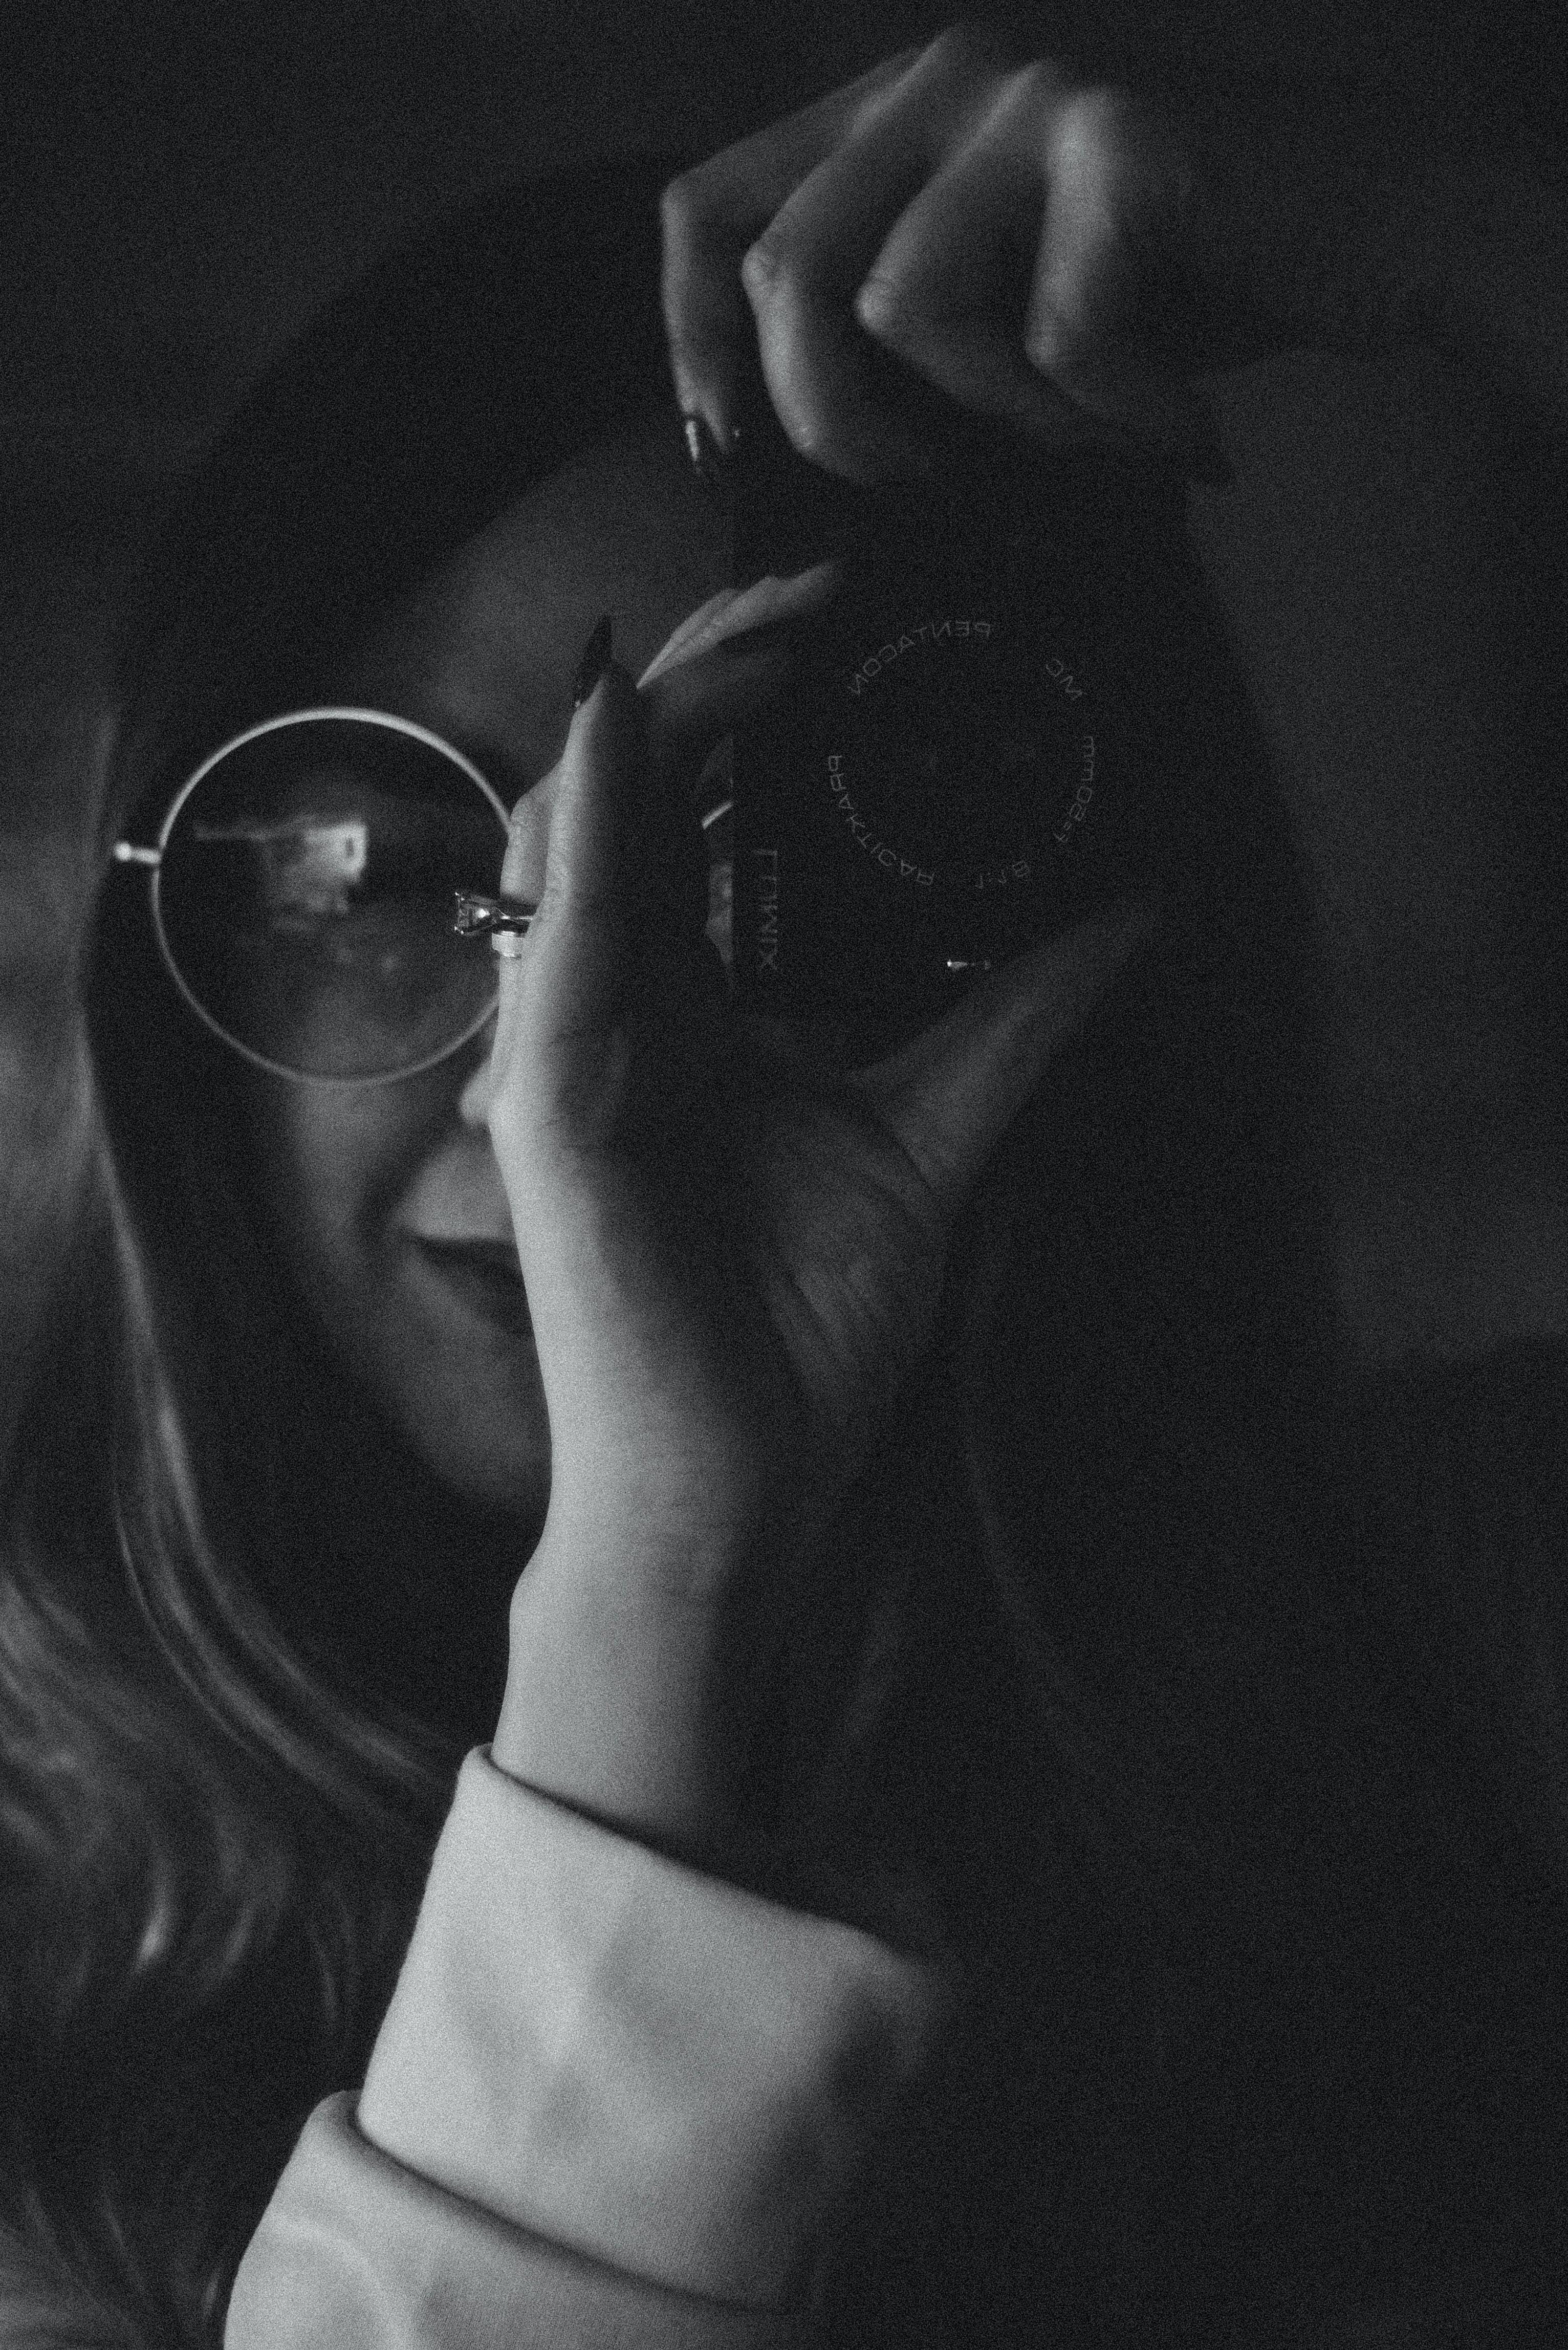 Kostnadsfri bild av digitalkamera, fånga, glasögon, händer